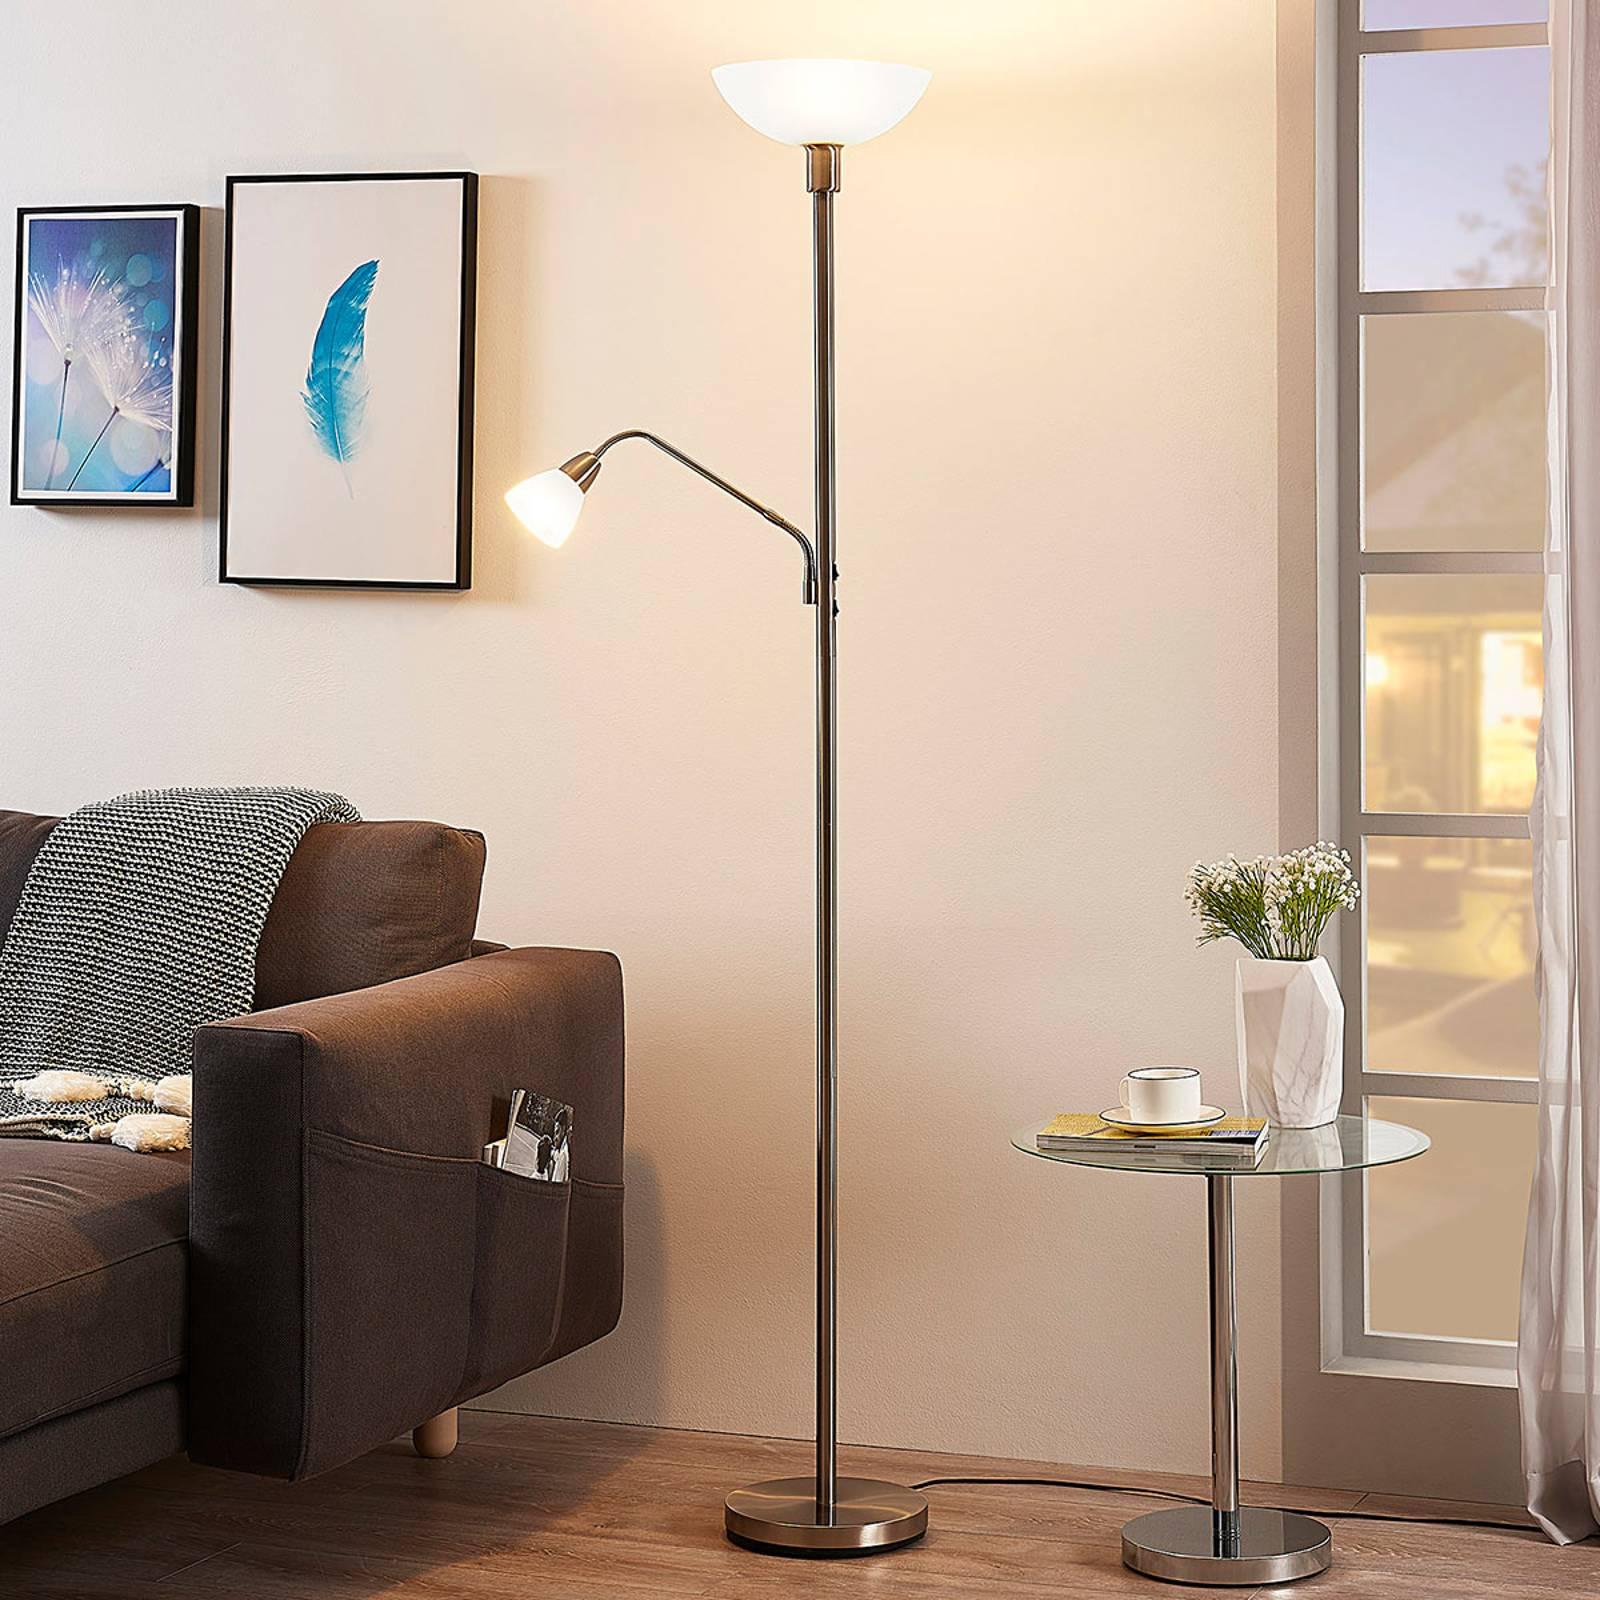 Nikkelinvärinen LED-kattokohdevalo Jost, lukuvalo